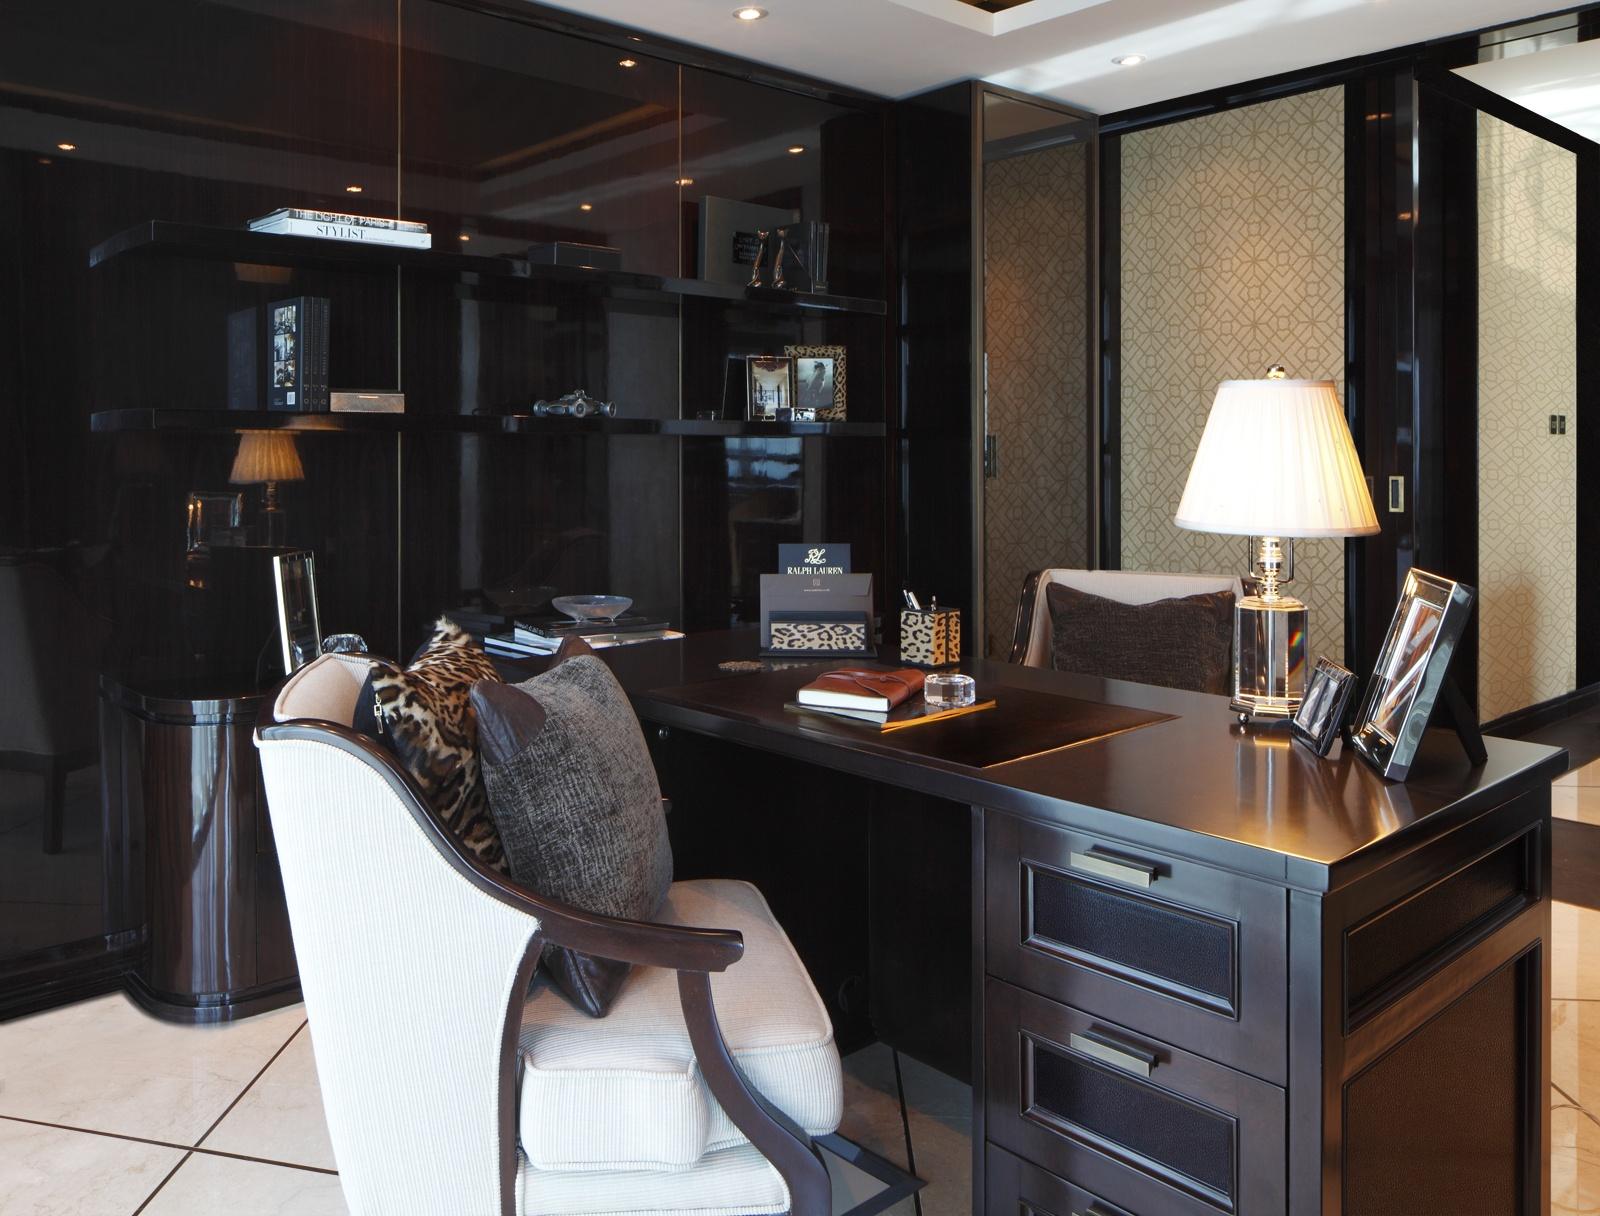 Casa forma design portfolio dubai office sheikh zayed for Casa designer